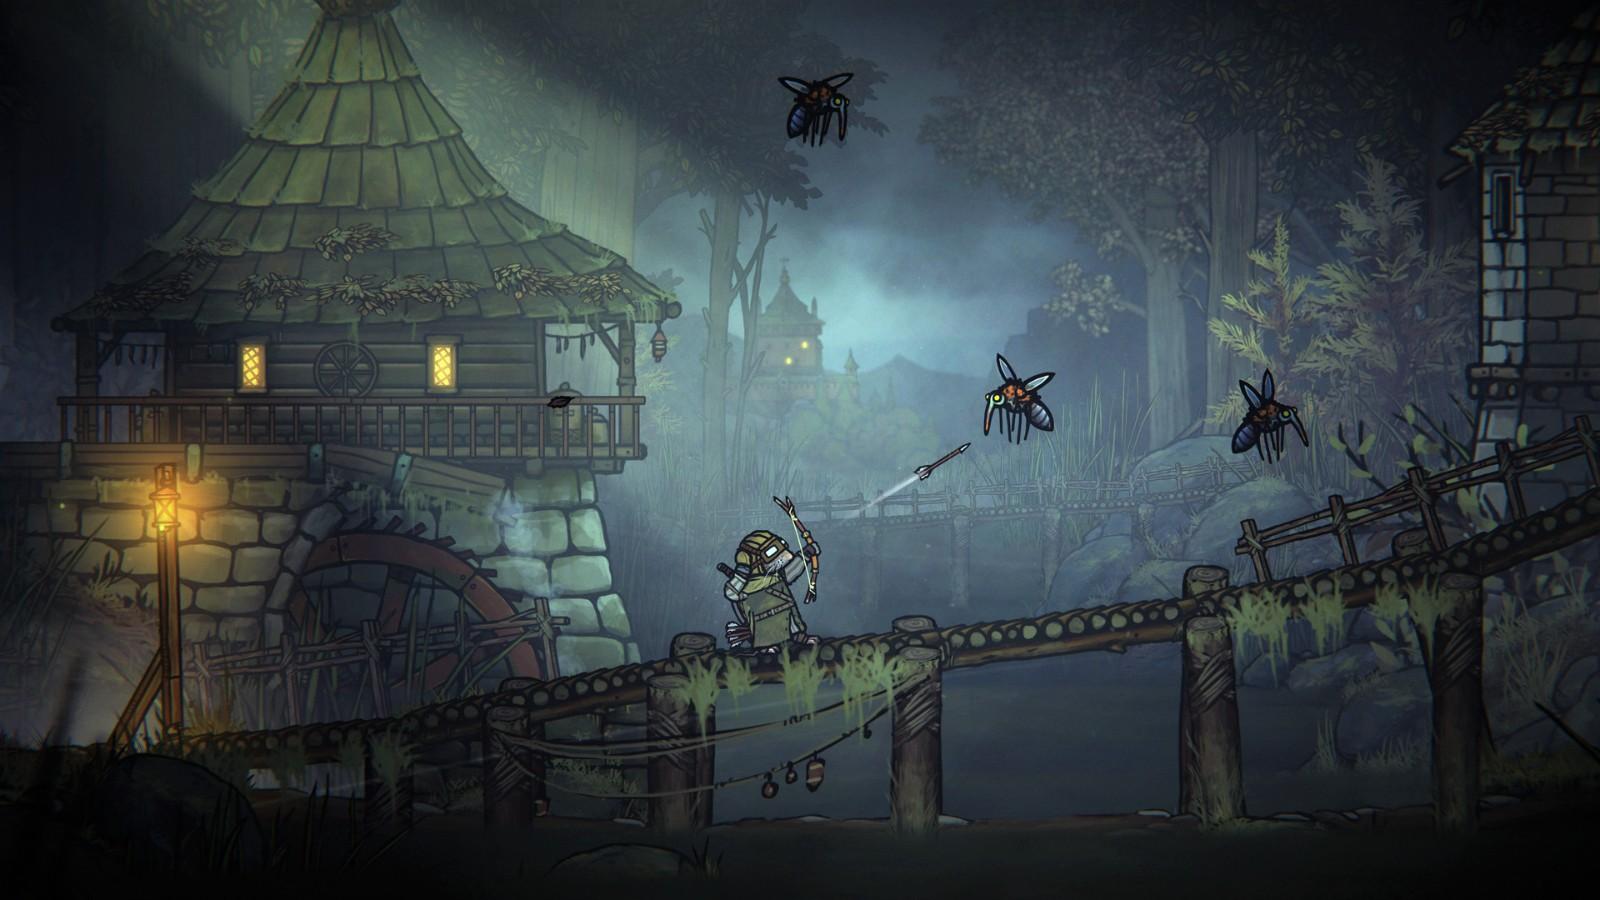 手绘风动作RPG《Tails of Iron》将于9月17日发售